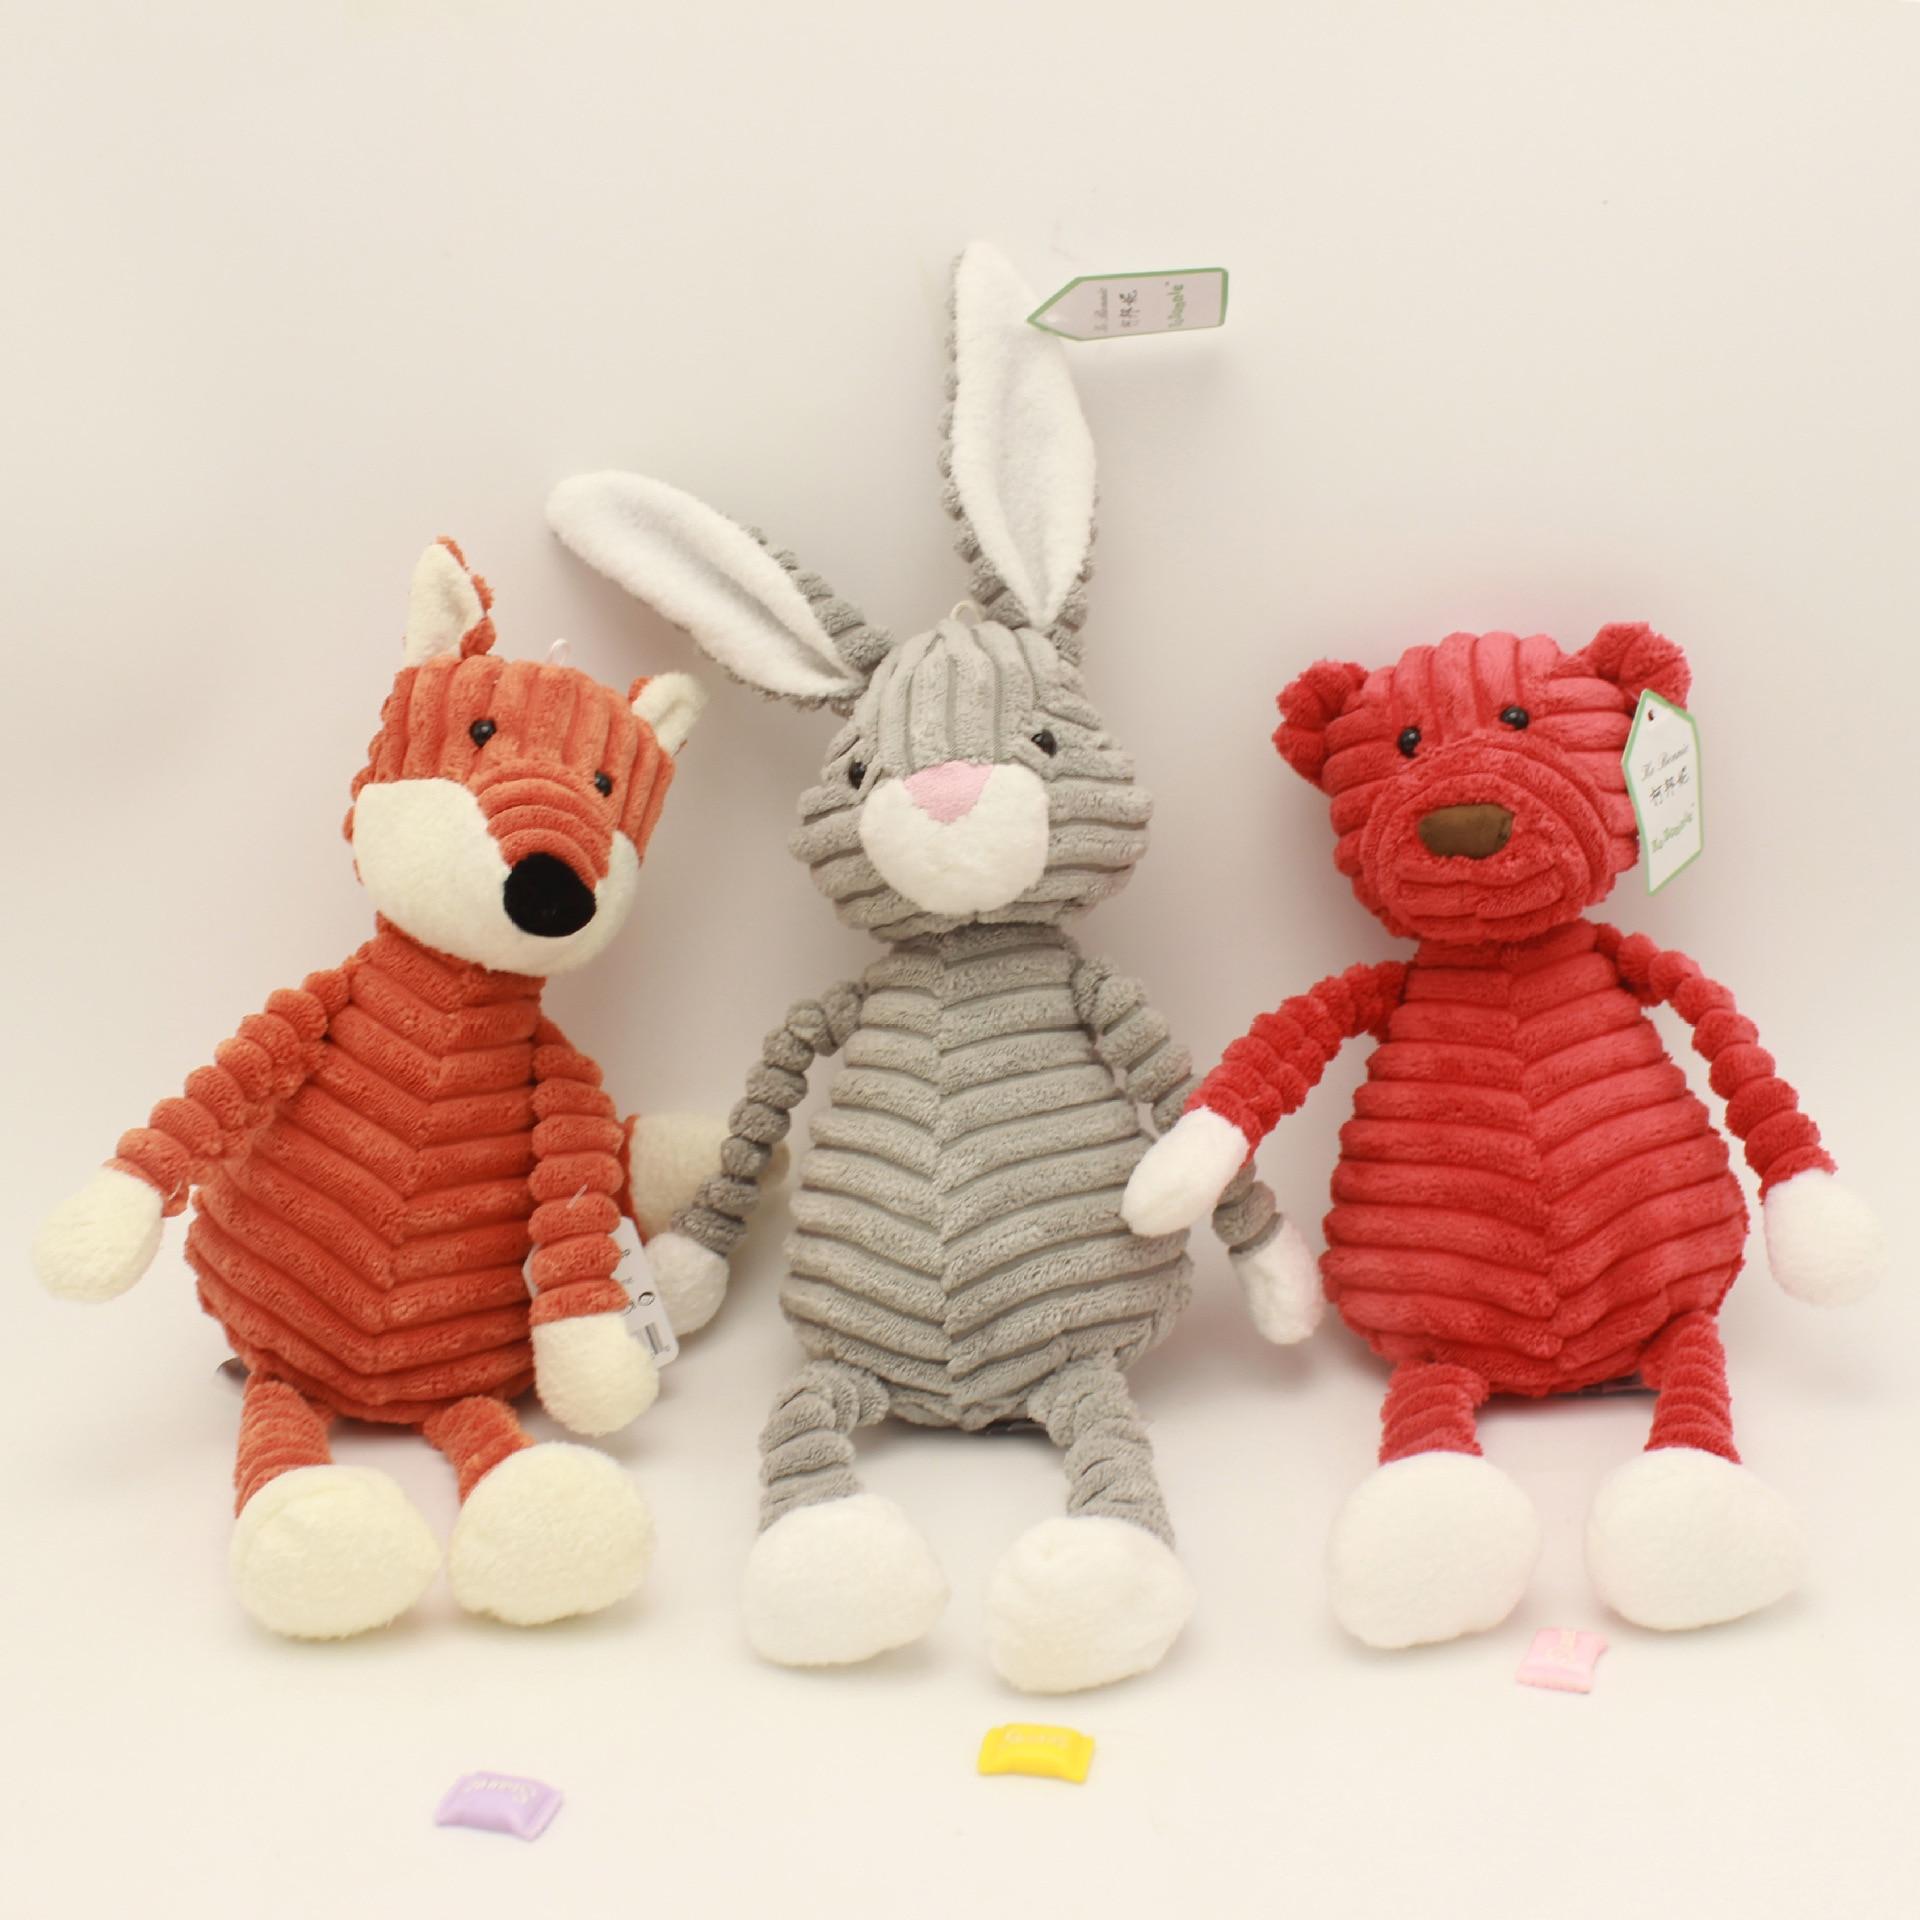 Искусственные плюшевые игрушки, креативная Мягкая кукла для детей, полосатые мягкие игрушки, украшение для домашнего стола, модные украшен...